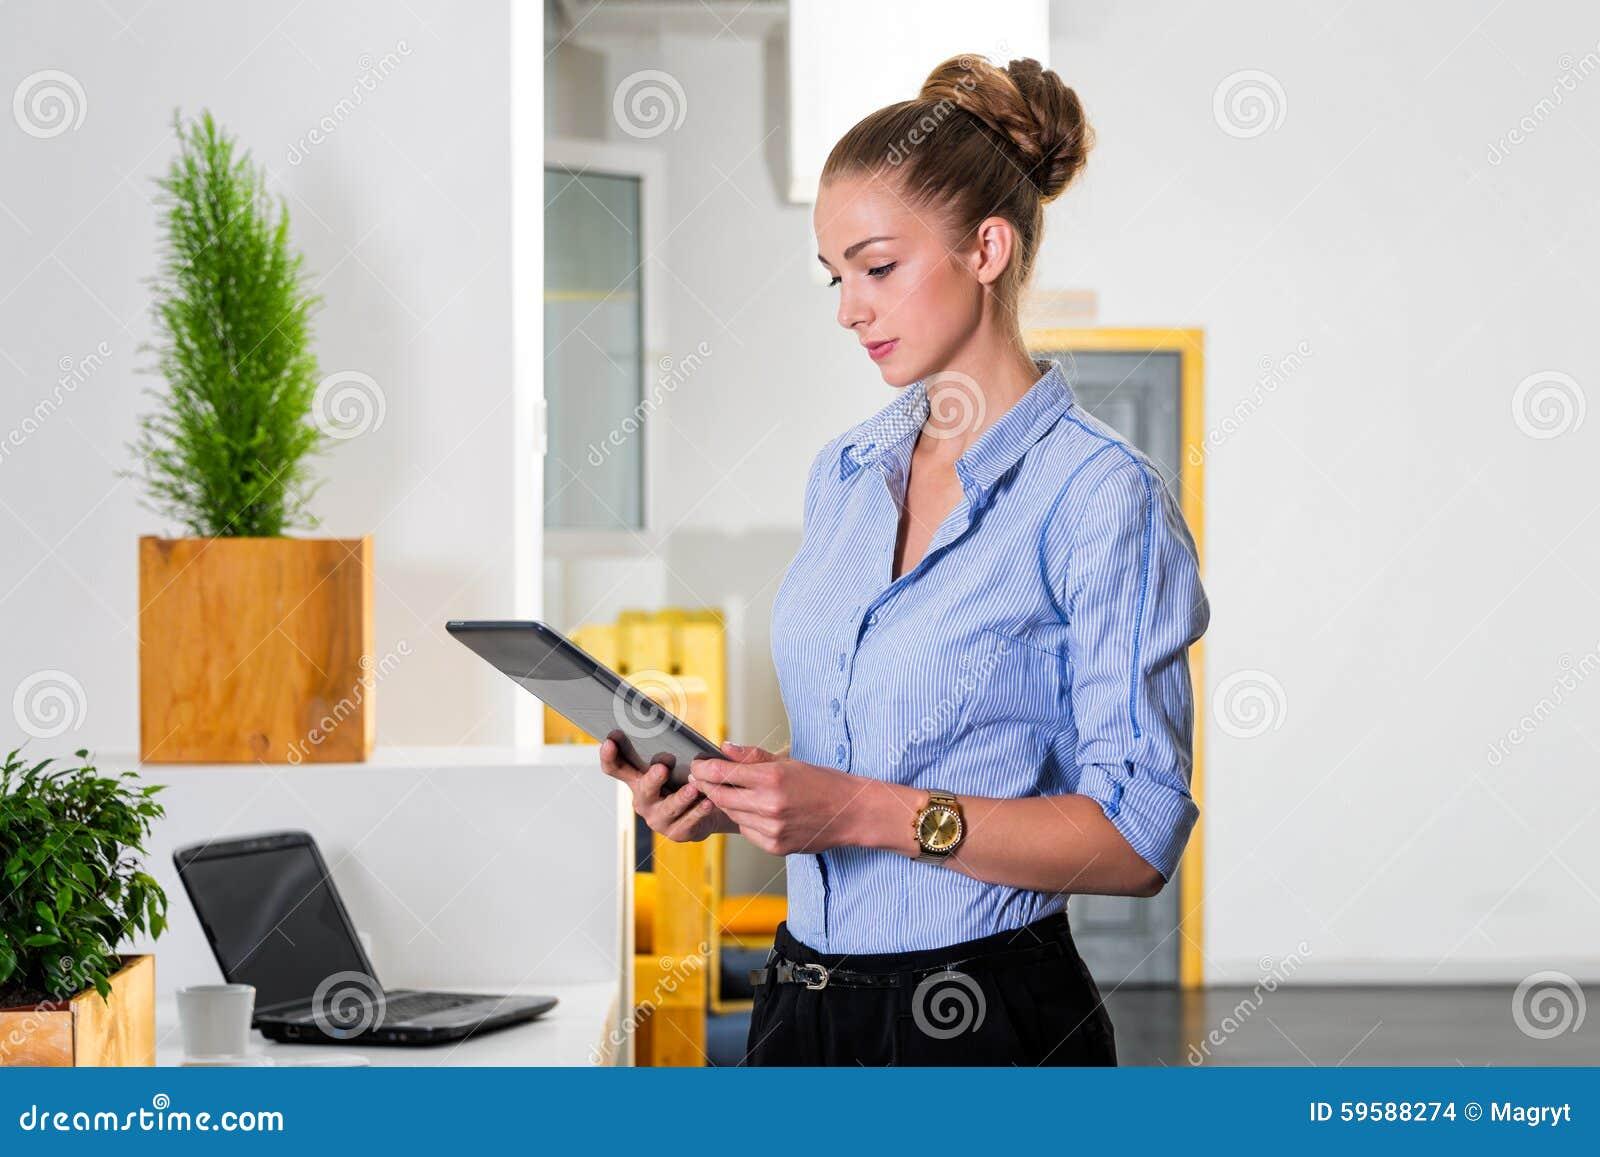 Junge Geschaftsfrau Im Modernen Hellen Buro Welches Die Tablette